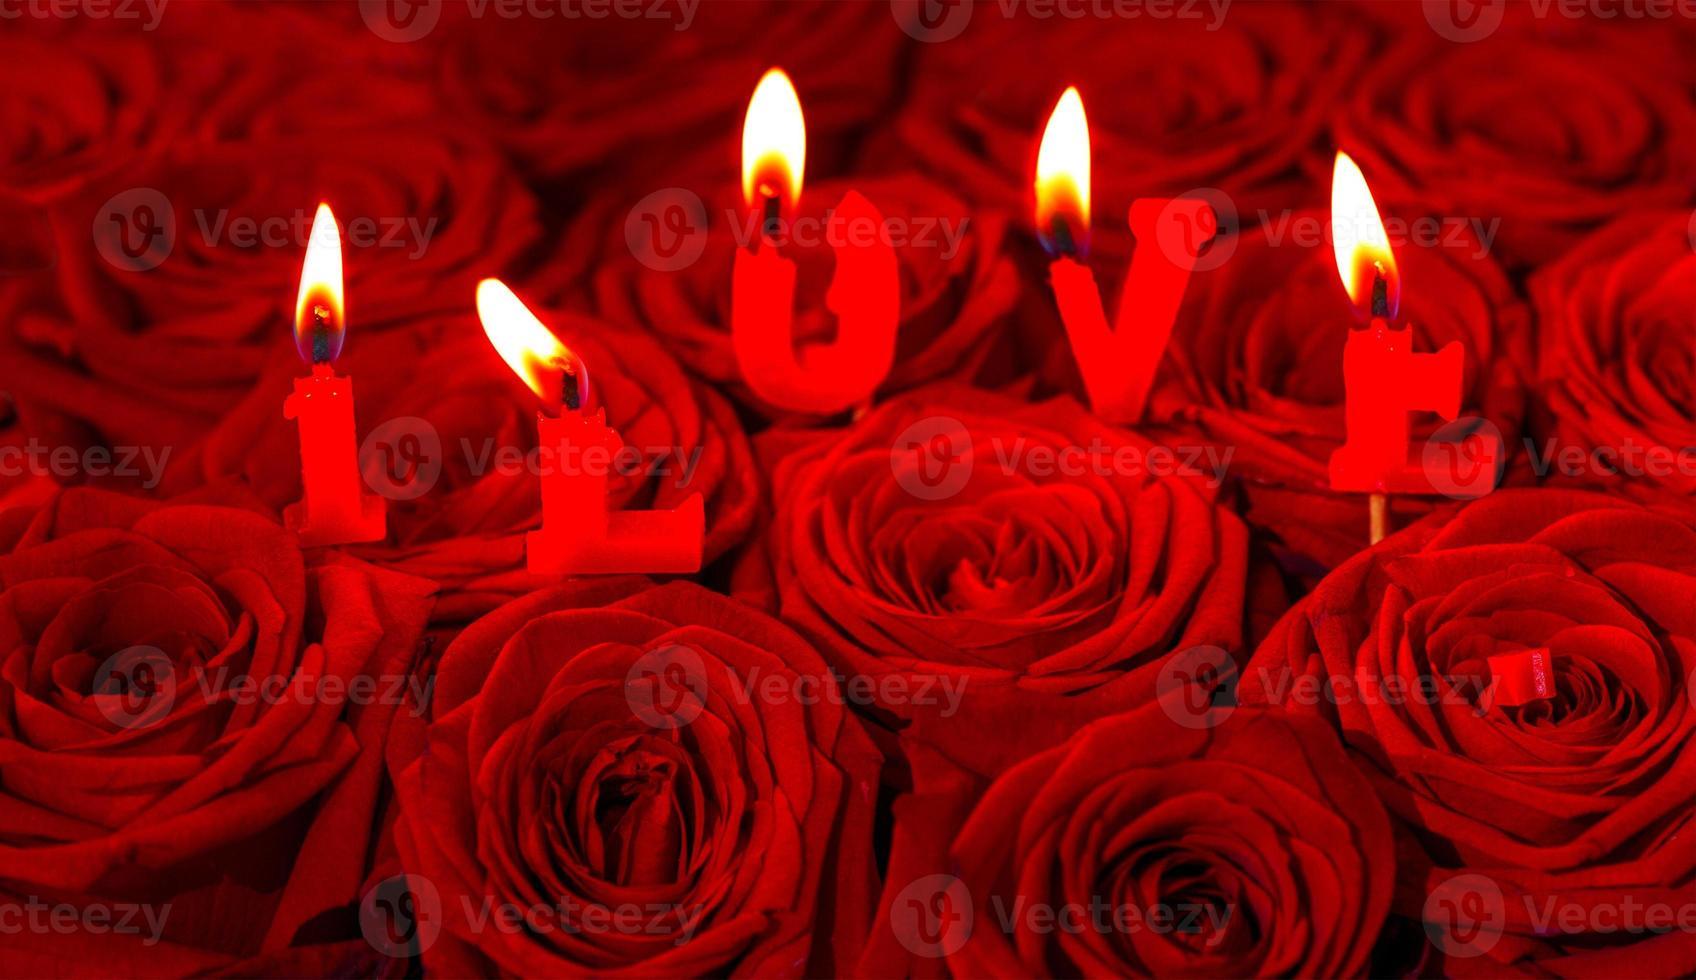 roses rouges et bougies allumées faisant j'aime photo